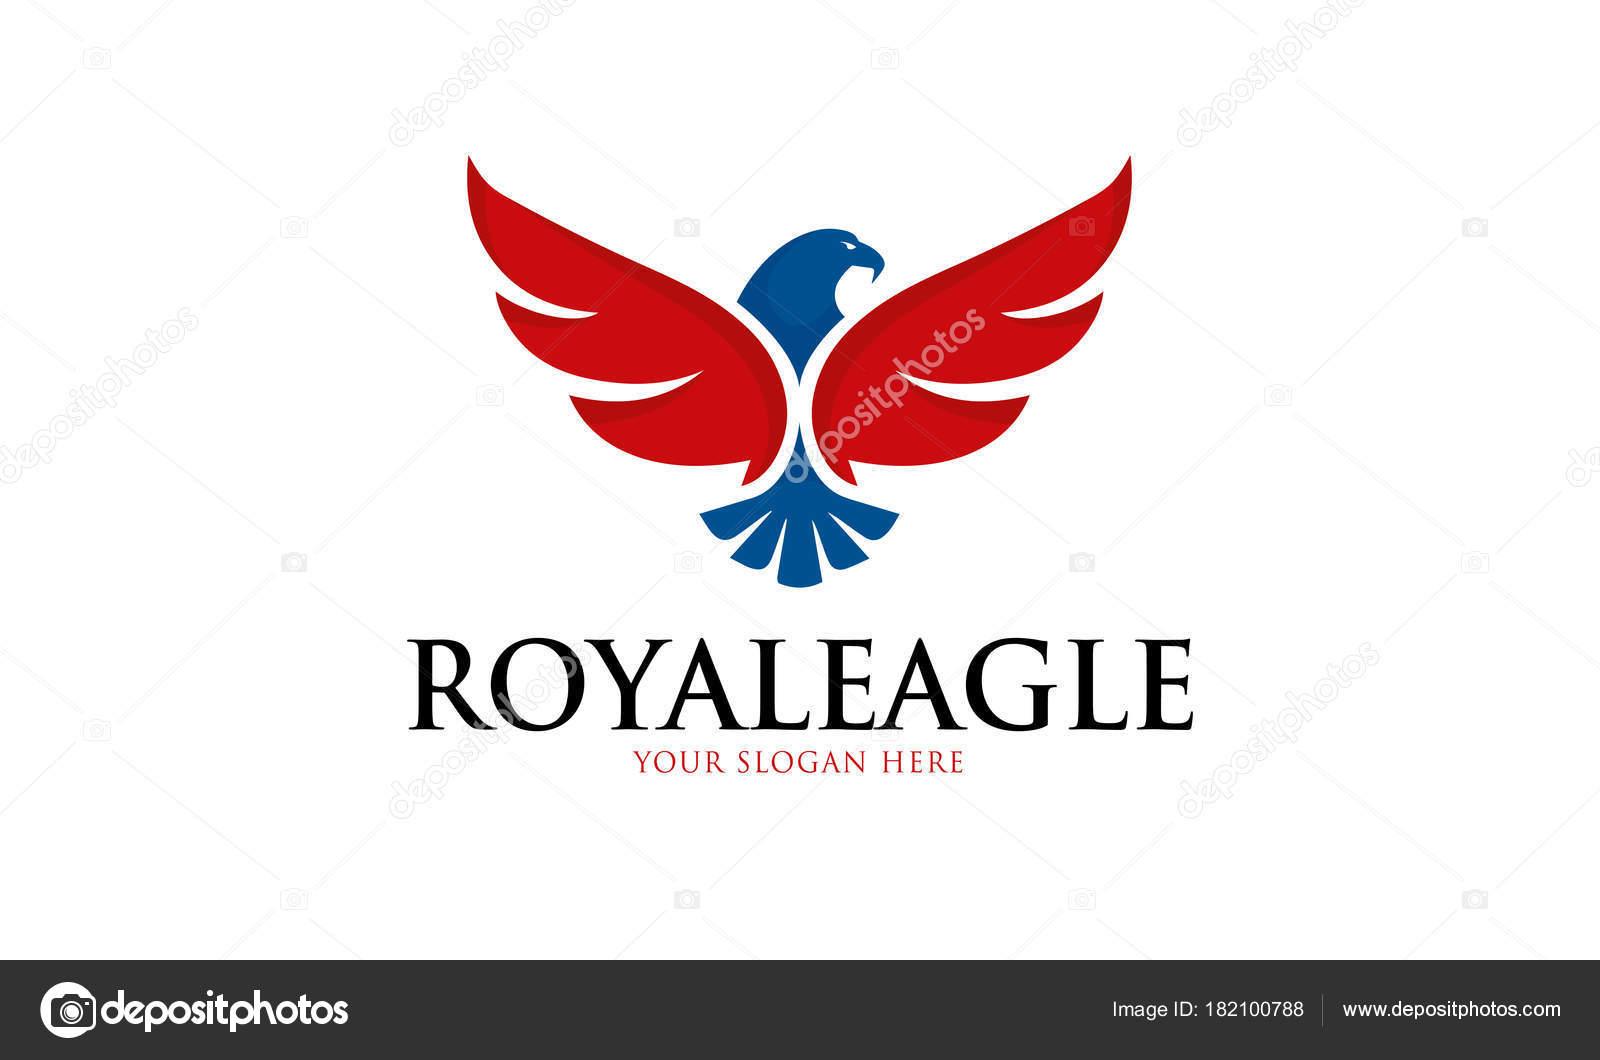 Royal Aigle Modèle Aigle Modèle Logo Aigle Modèle Modèle Royal Aigle Logo Logo Logo Royal YASqOO